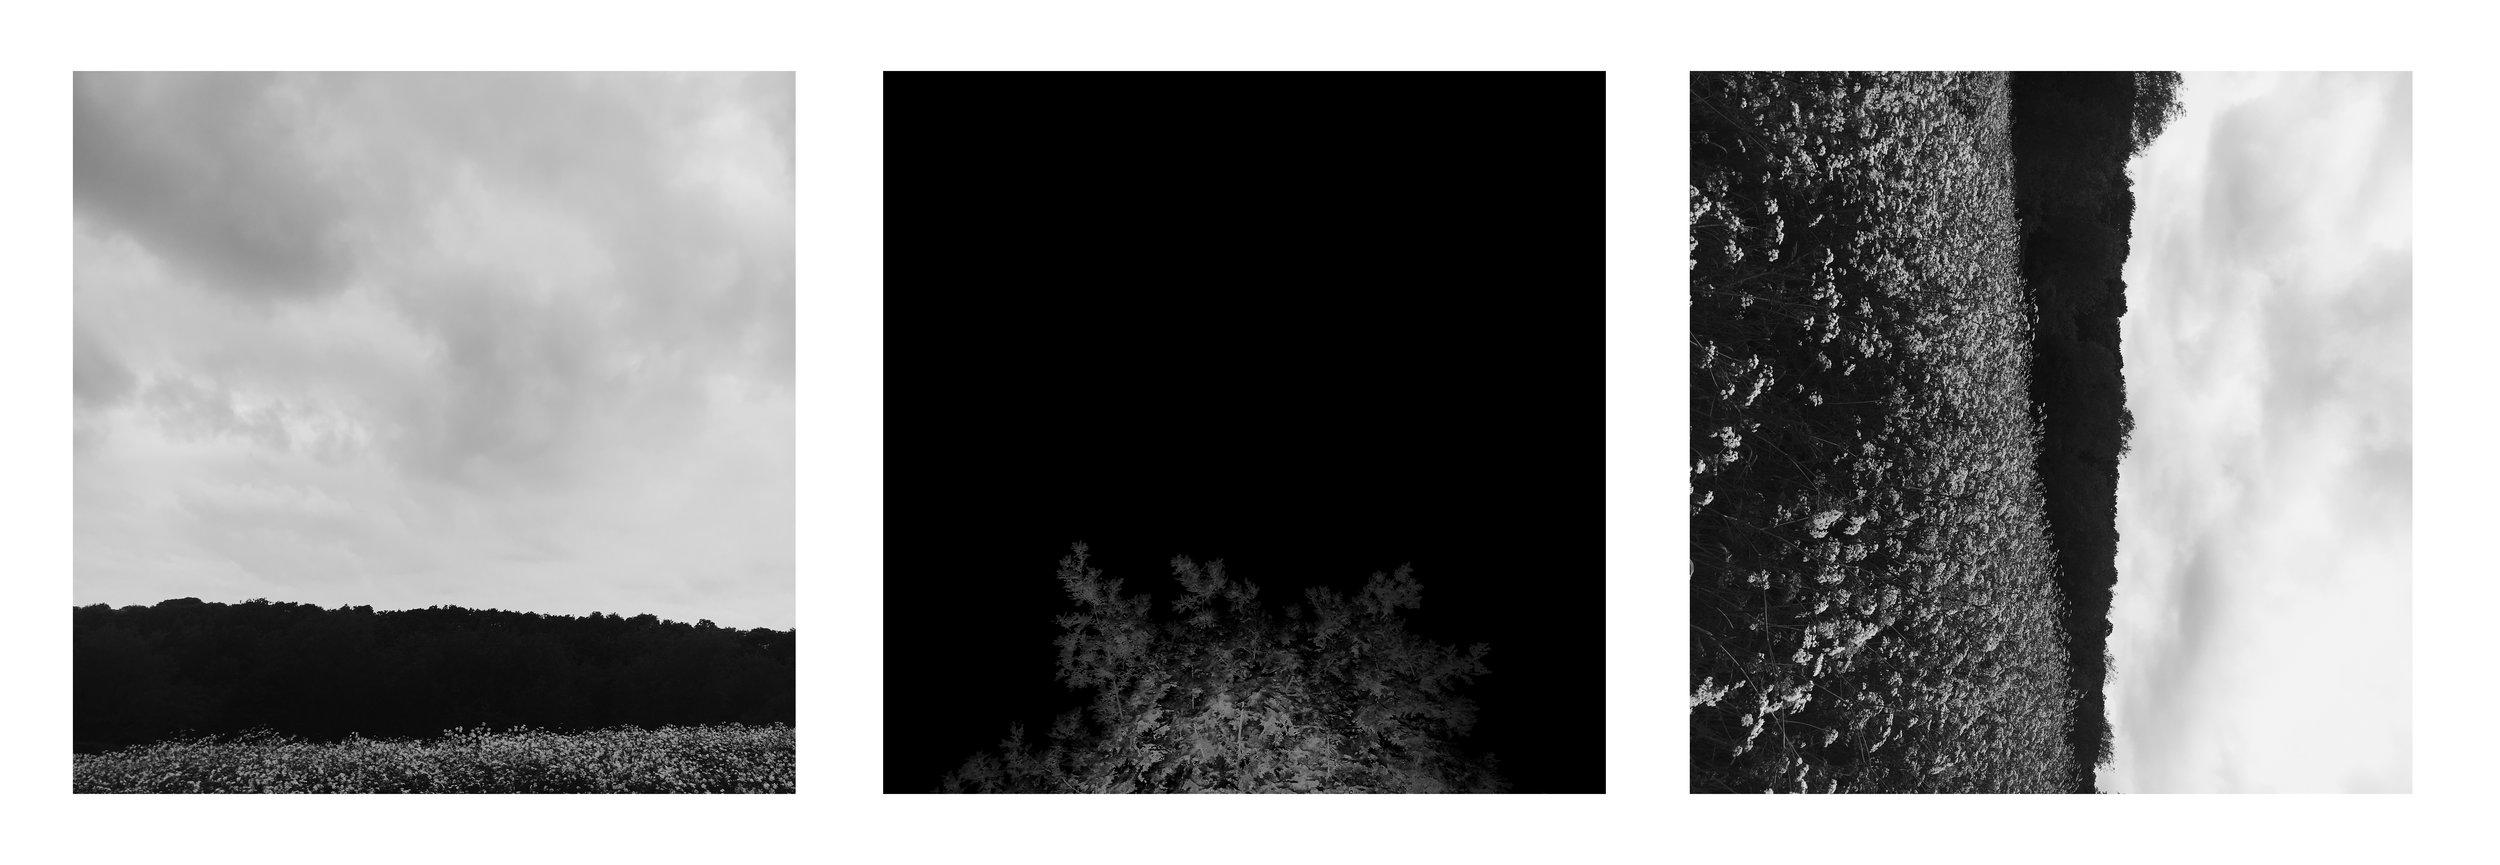 treescape trio.jpg